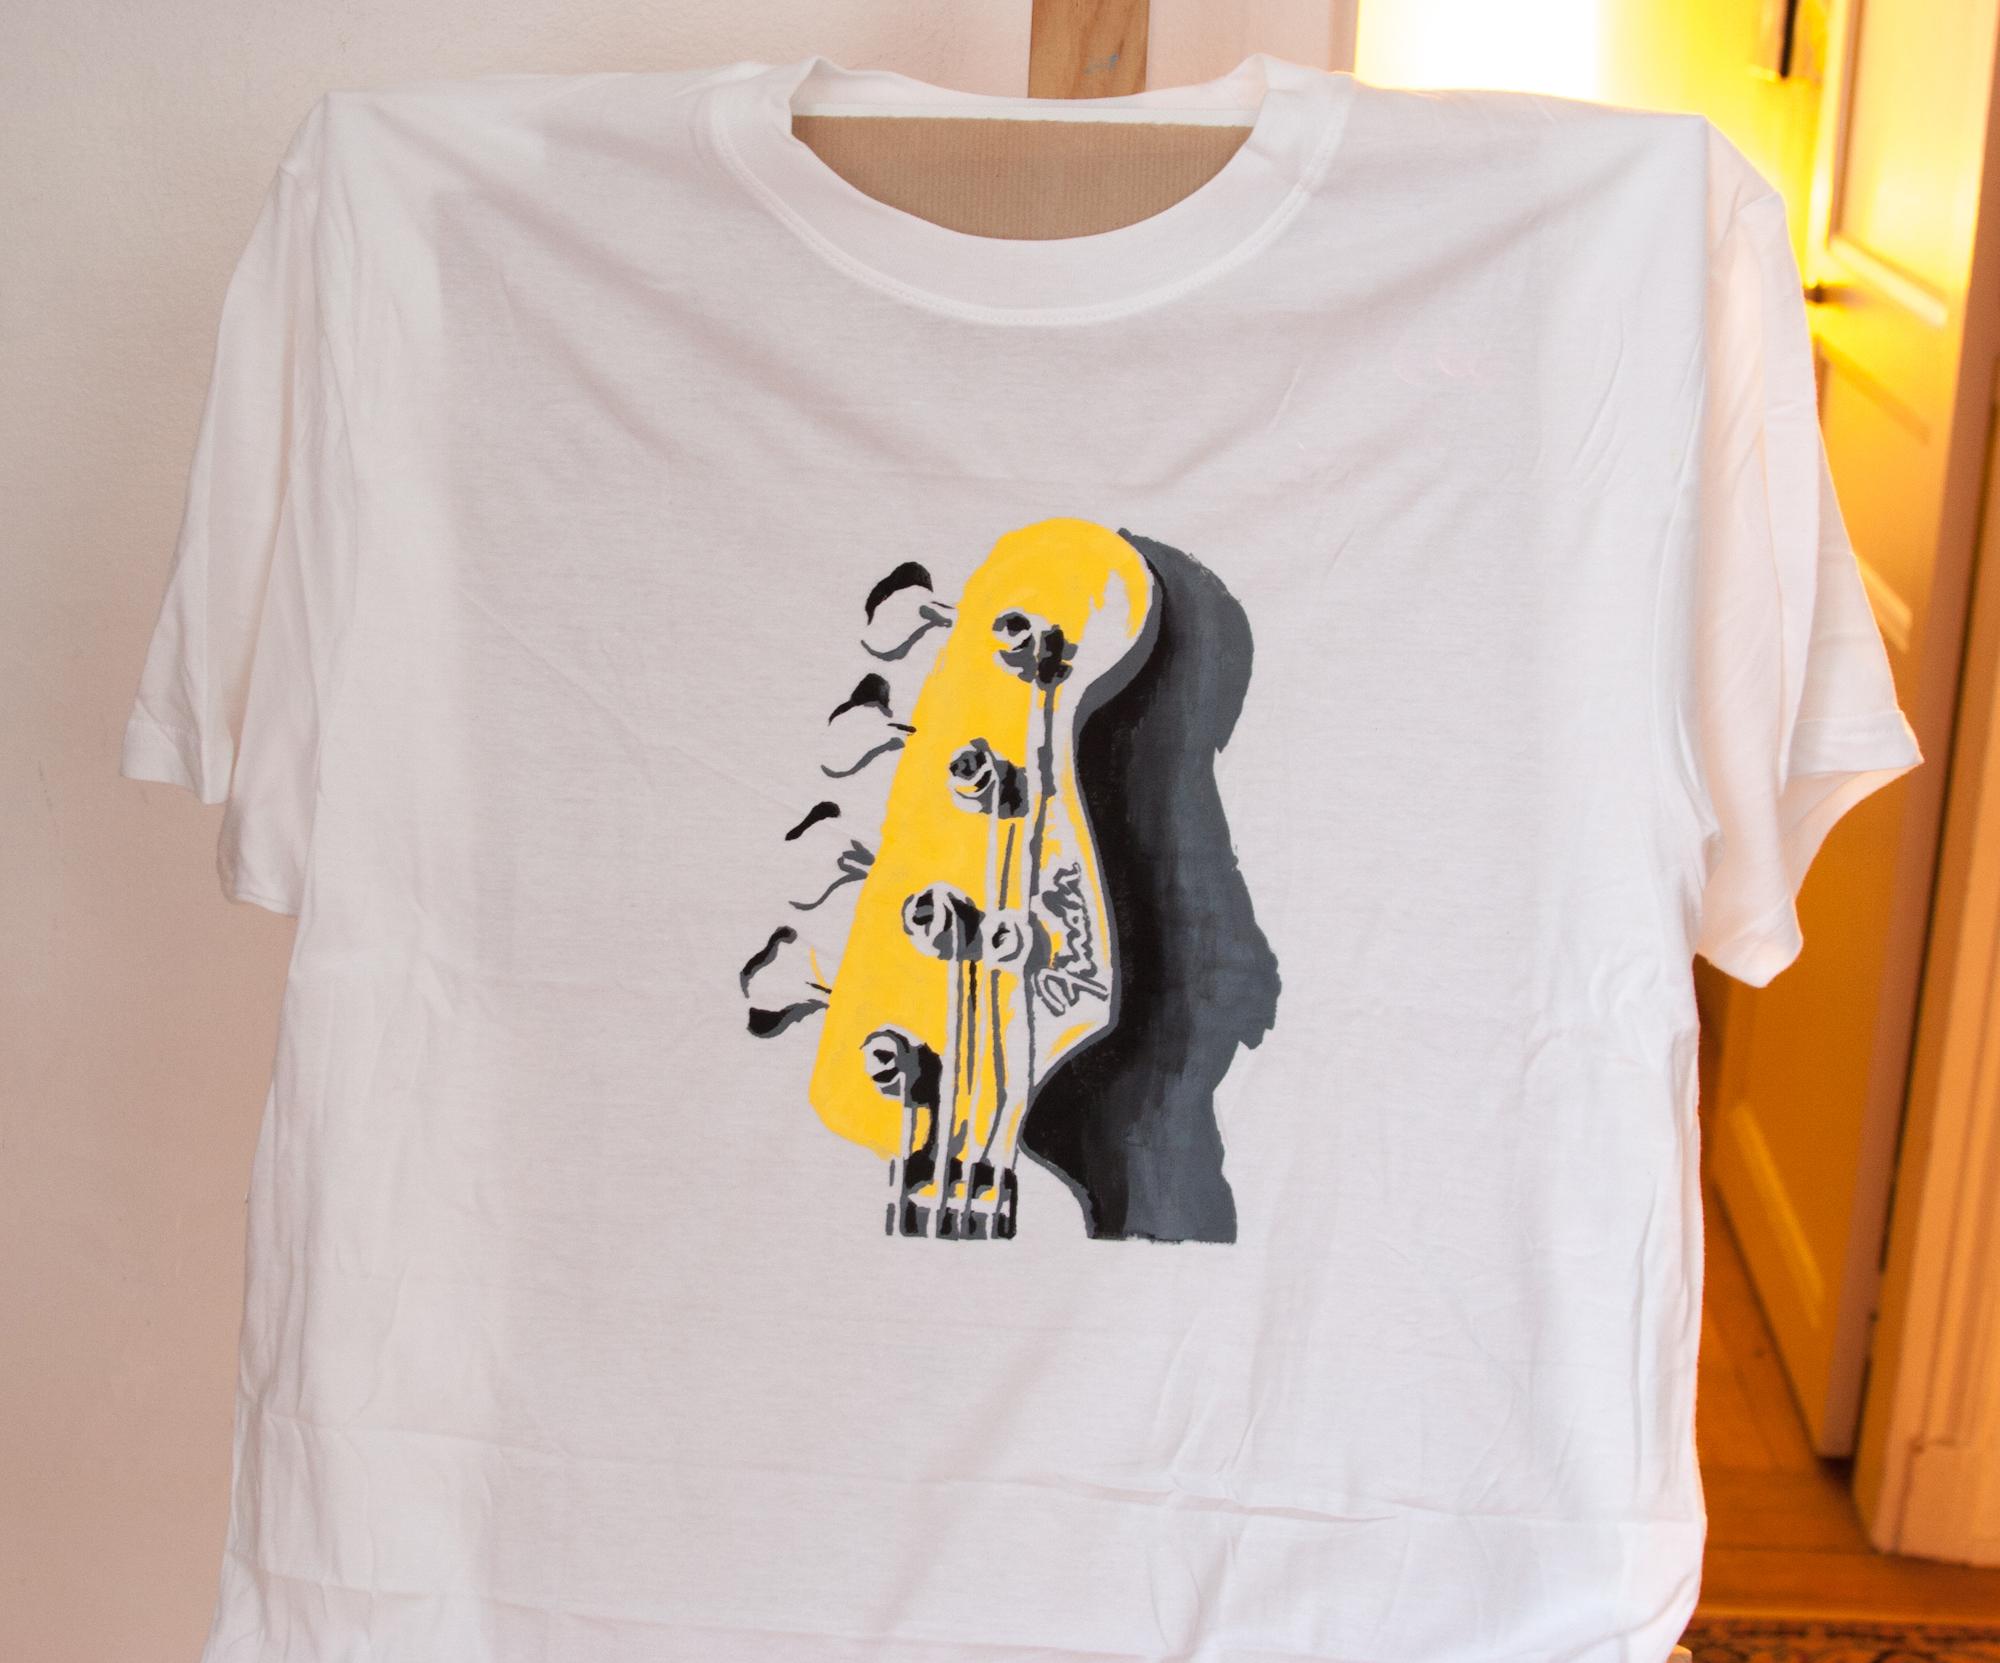 men s xl t shirt 4 colour stencil 4th colour is the shirt colour. Black Bedroom Furniture Sets. Home Design Ideas